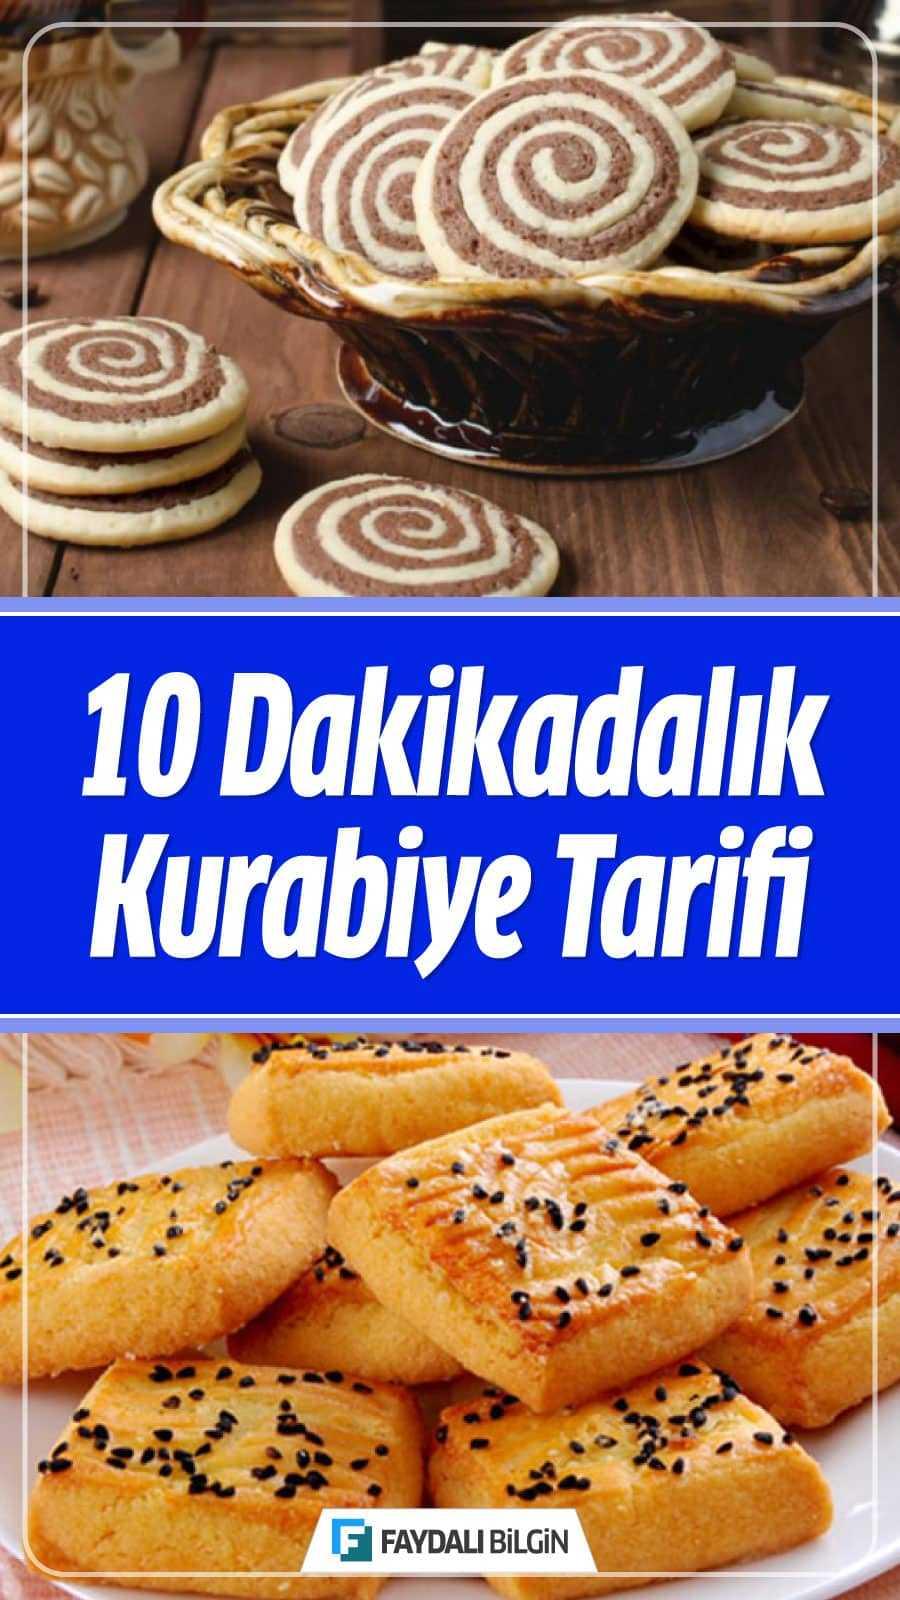 Nefis Yemek Tarifleri kanalının hazırladığı 10 Dakikada Kurabiye tarifi. Davetsiz gelen misafirlere ne yapabilirim diye düşünüyorsanız bu kurabiyeyi tarifini denemenizi öneririm. #kurabiye #kurabiyeler #yemek #yemektarifi #recipe #recipes